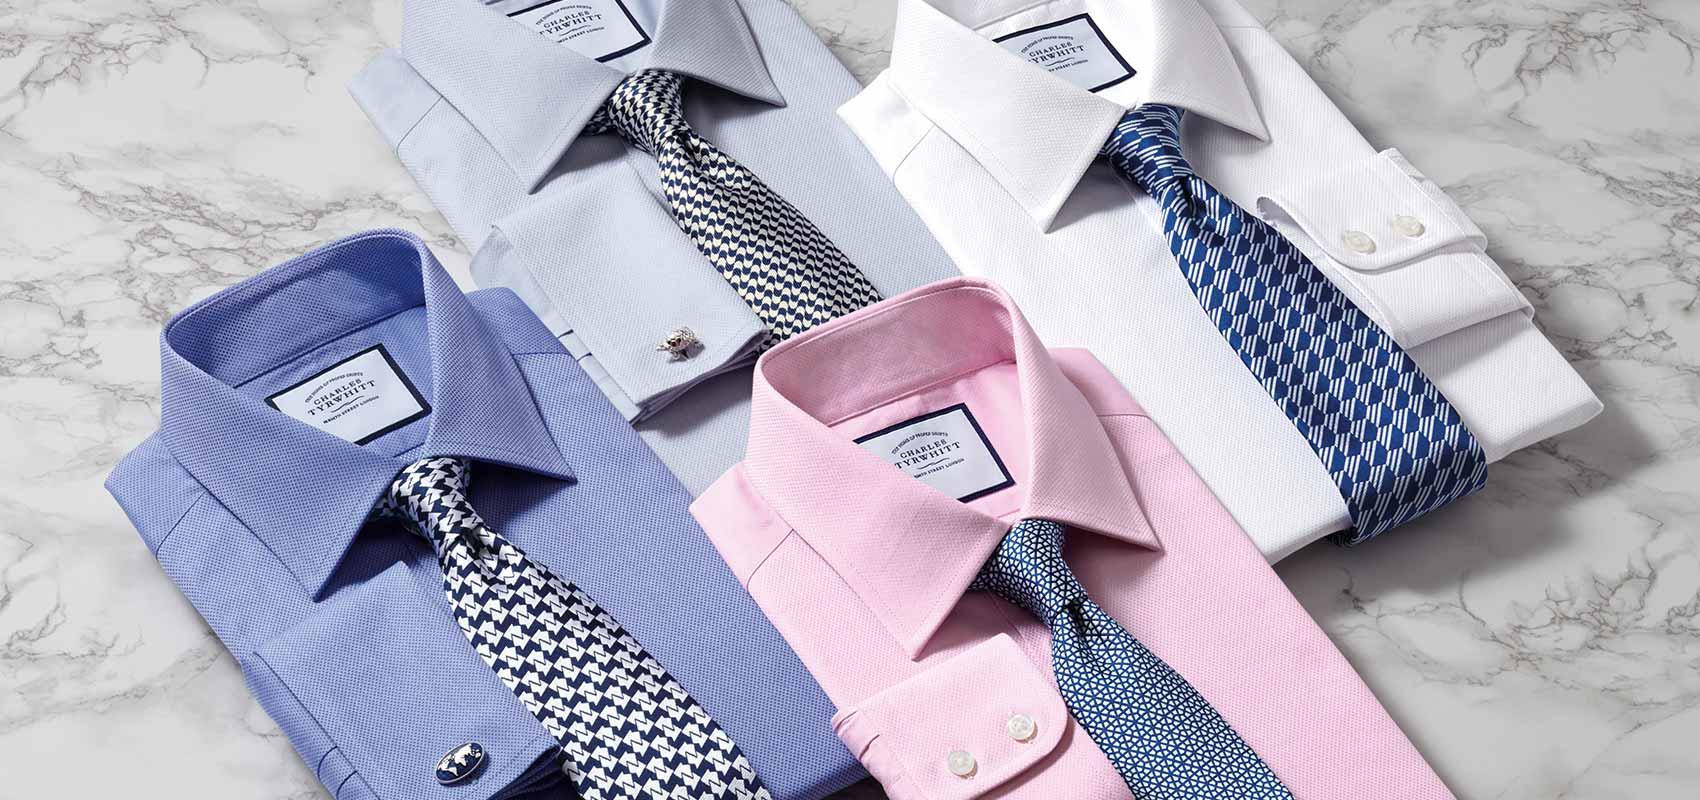 Charles Tyrwhitt men's chemises